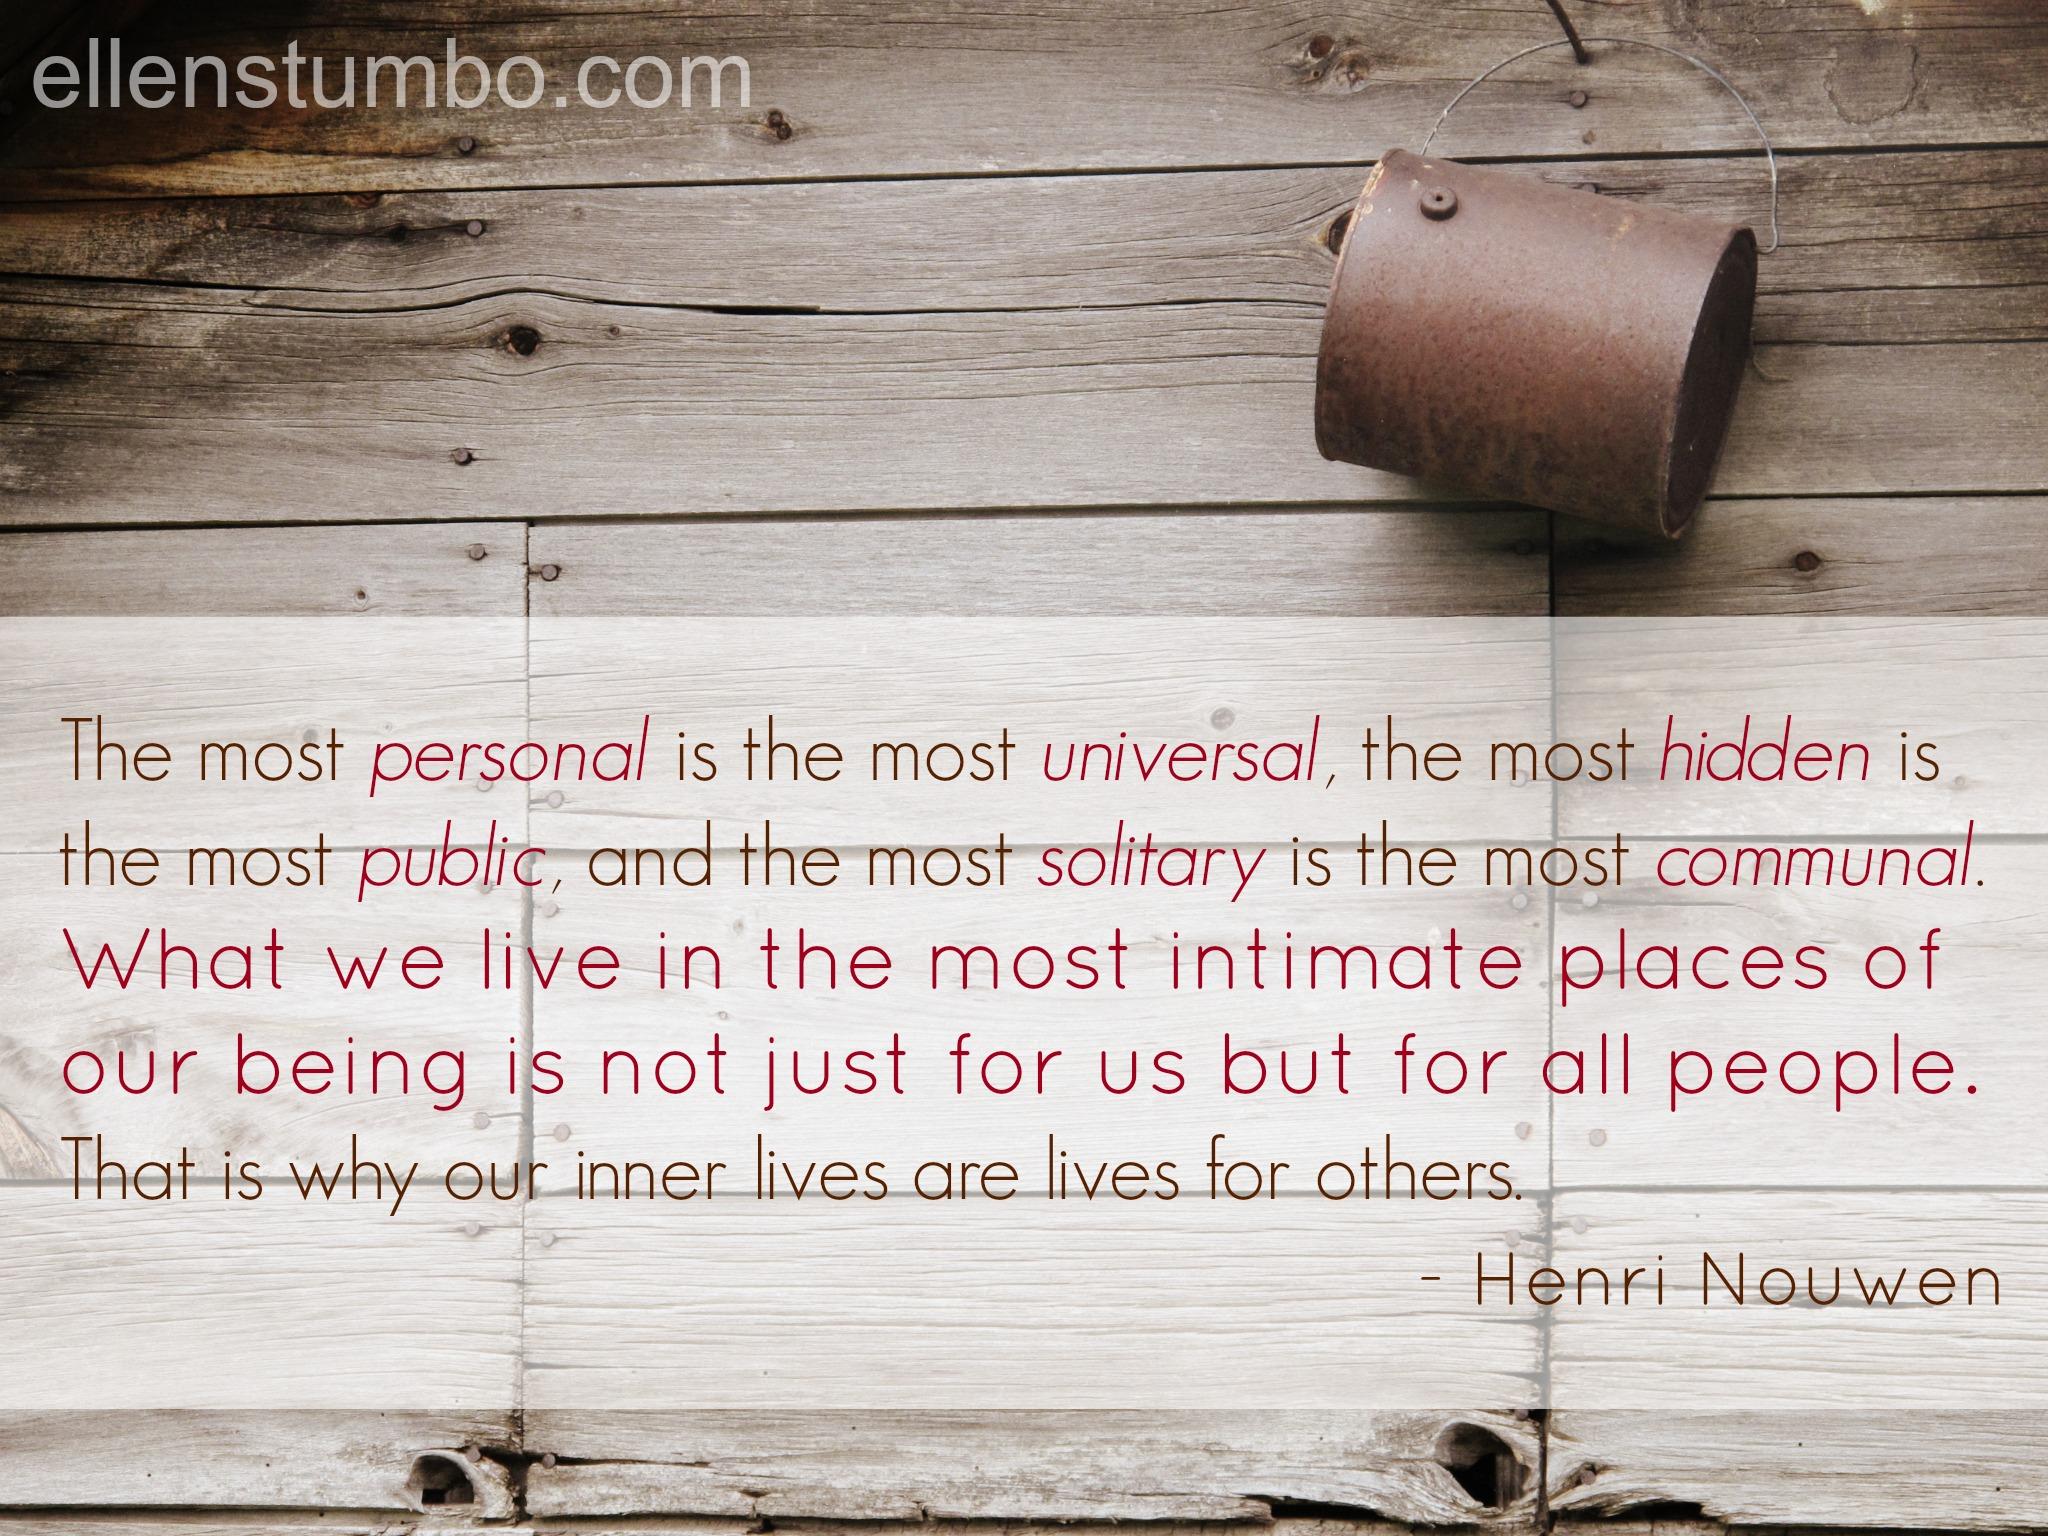 Henri Nouwen quote - Ellen Stumbo